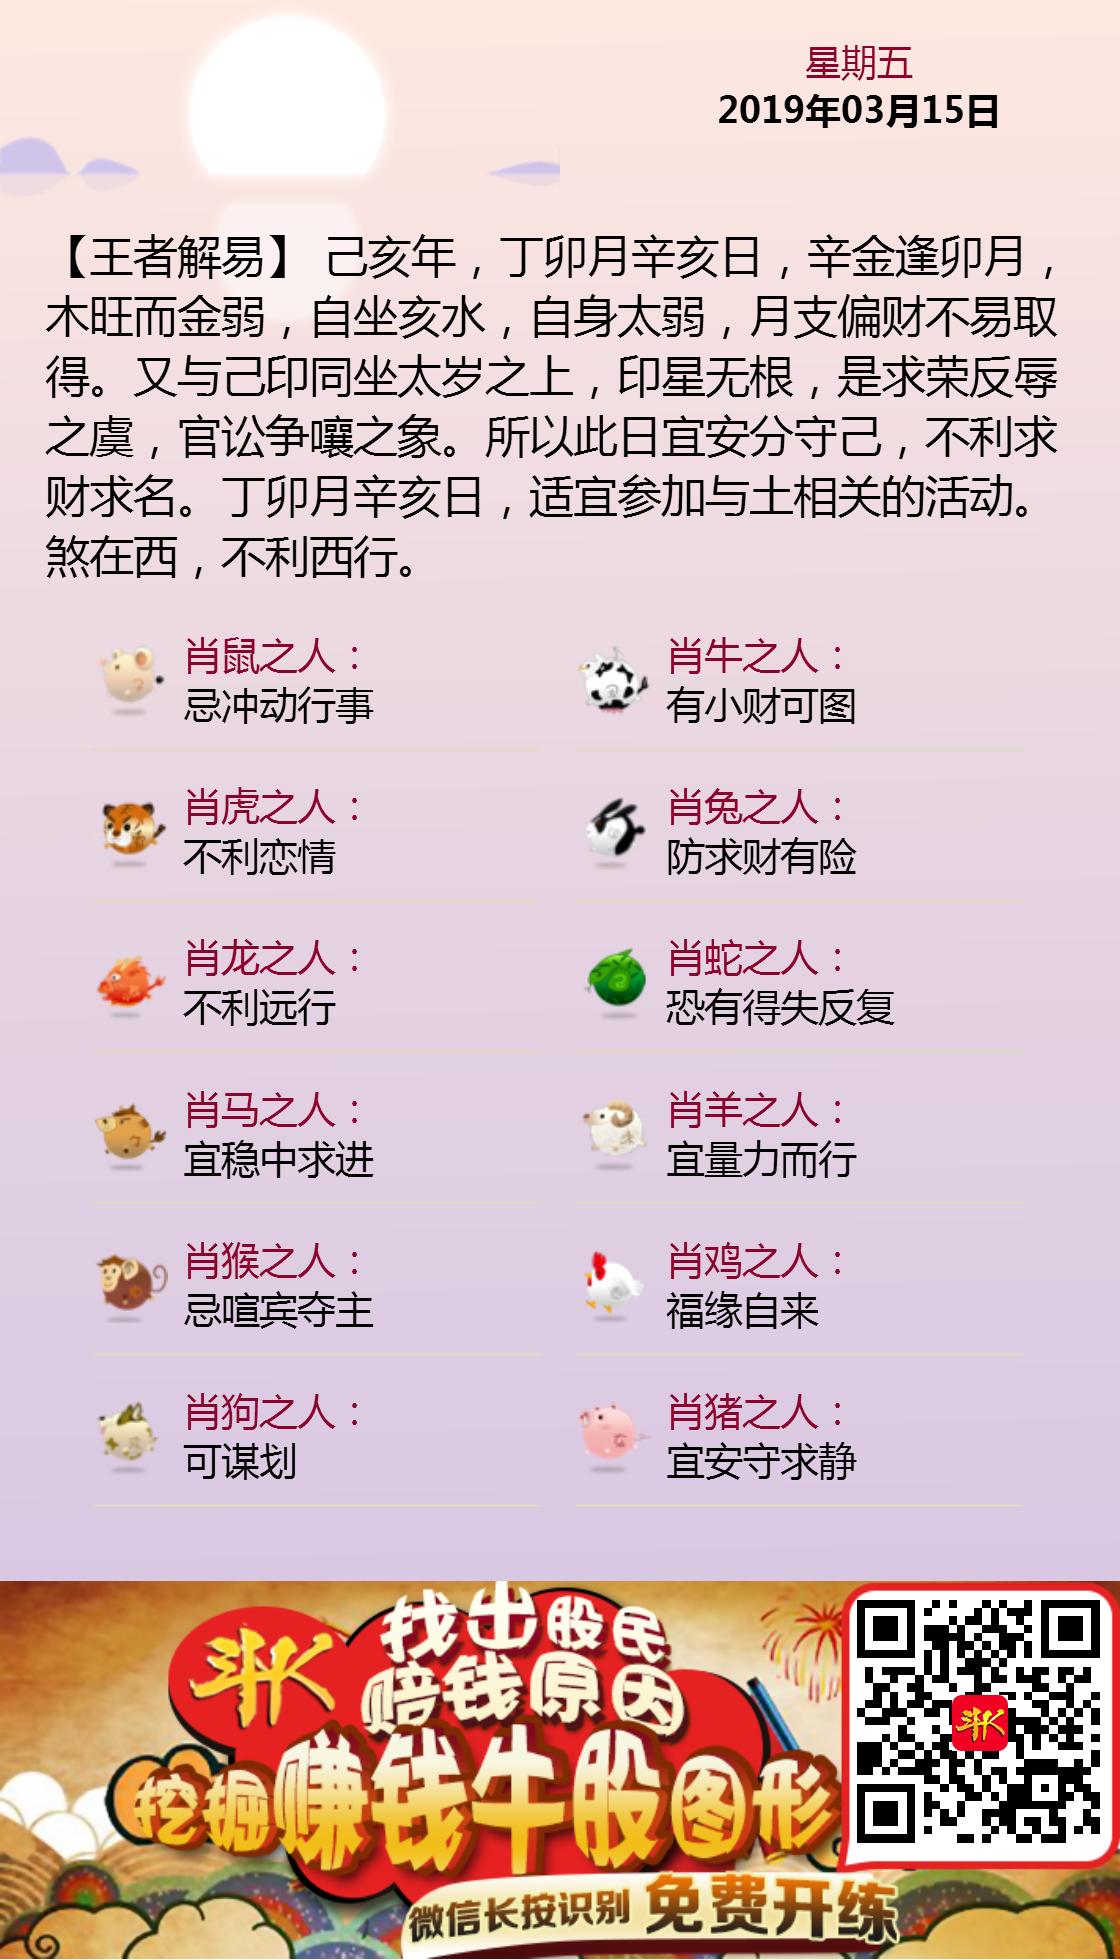 2019.3.15黄历斗K.png